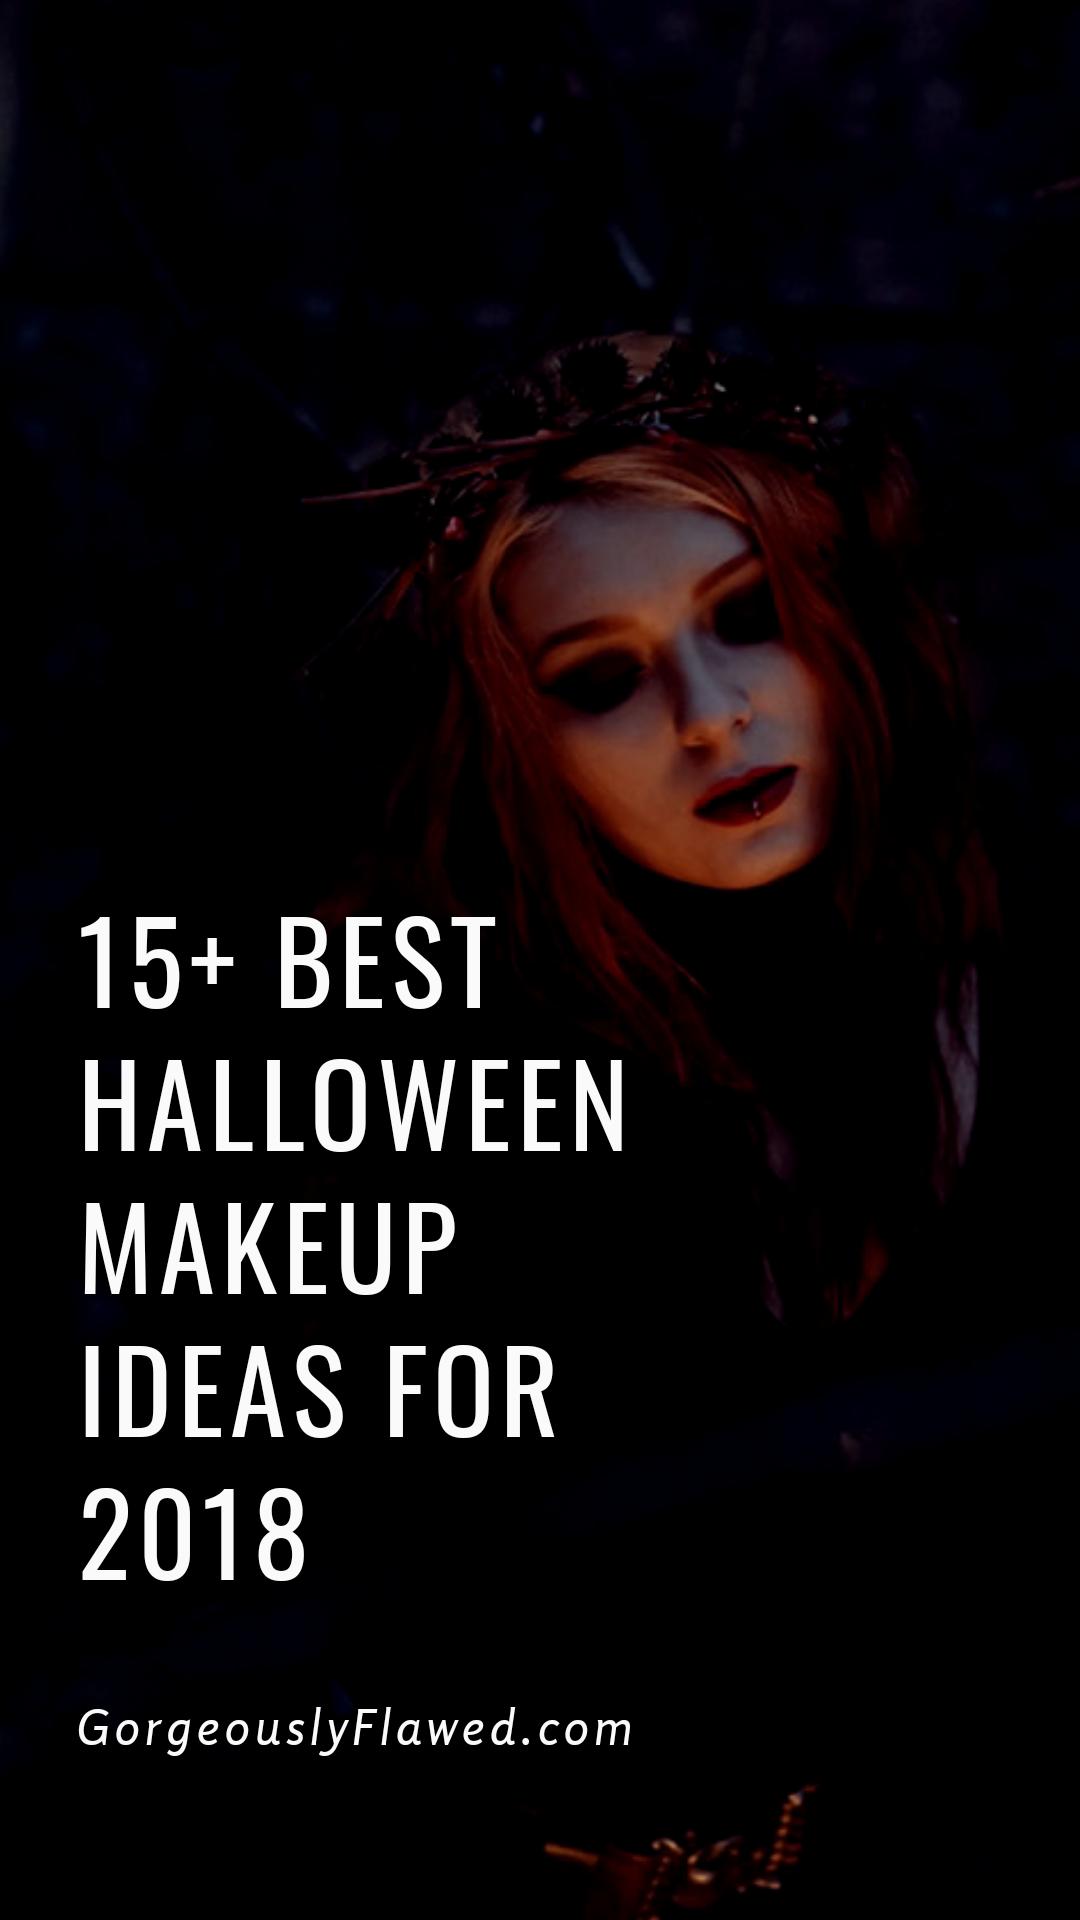 15 Best Halloween Makeup Ideas For 2018 1